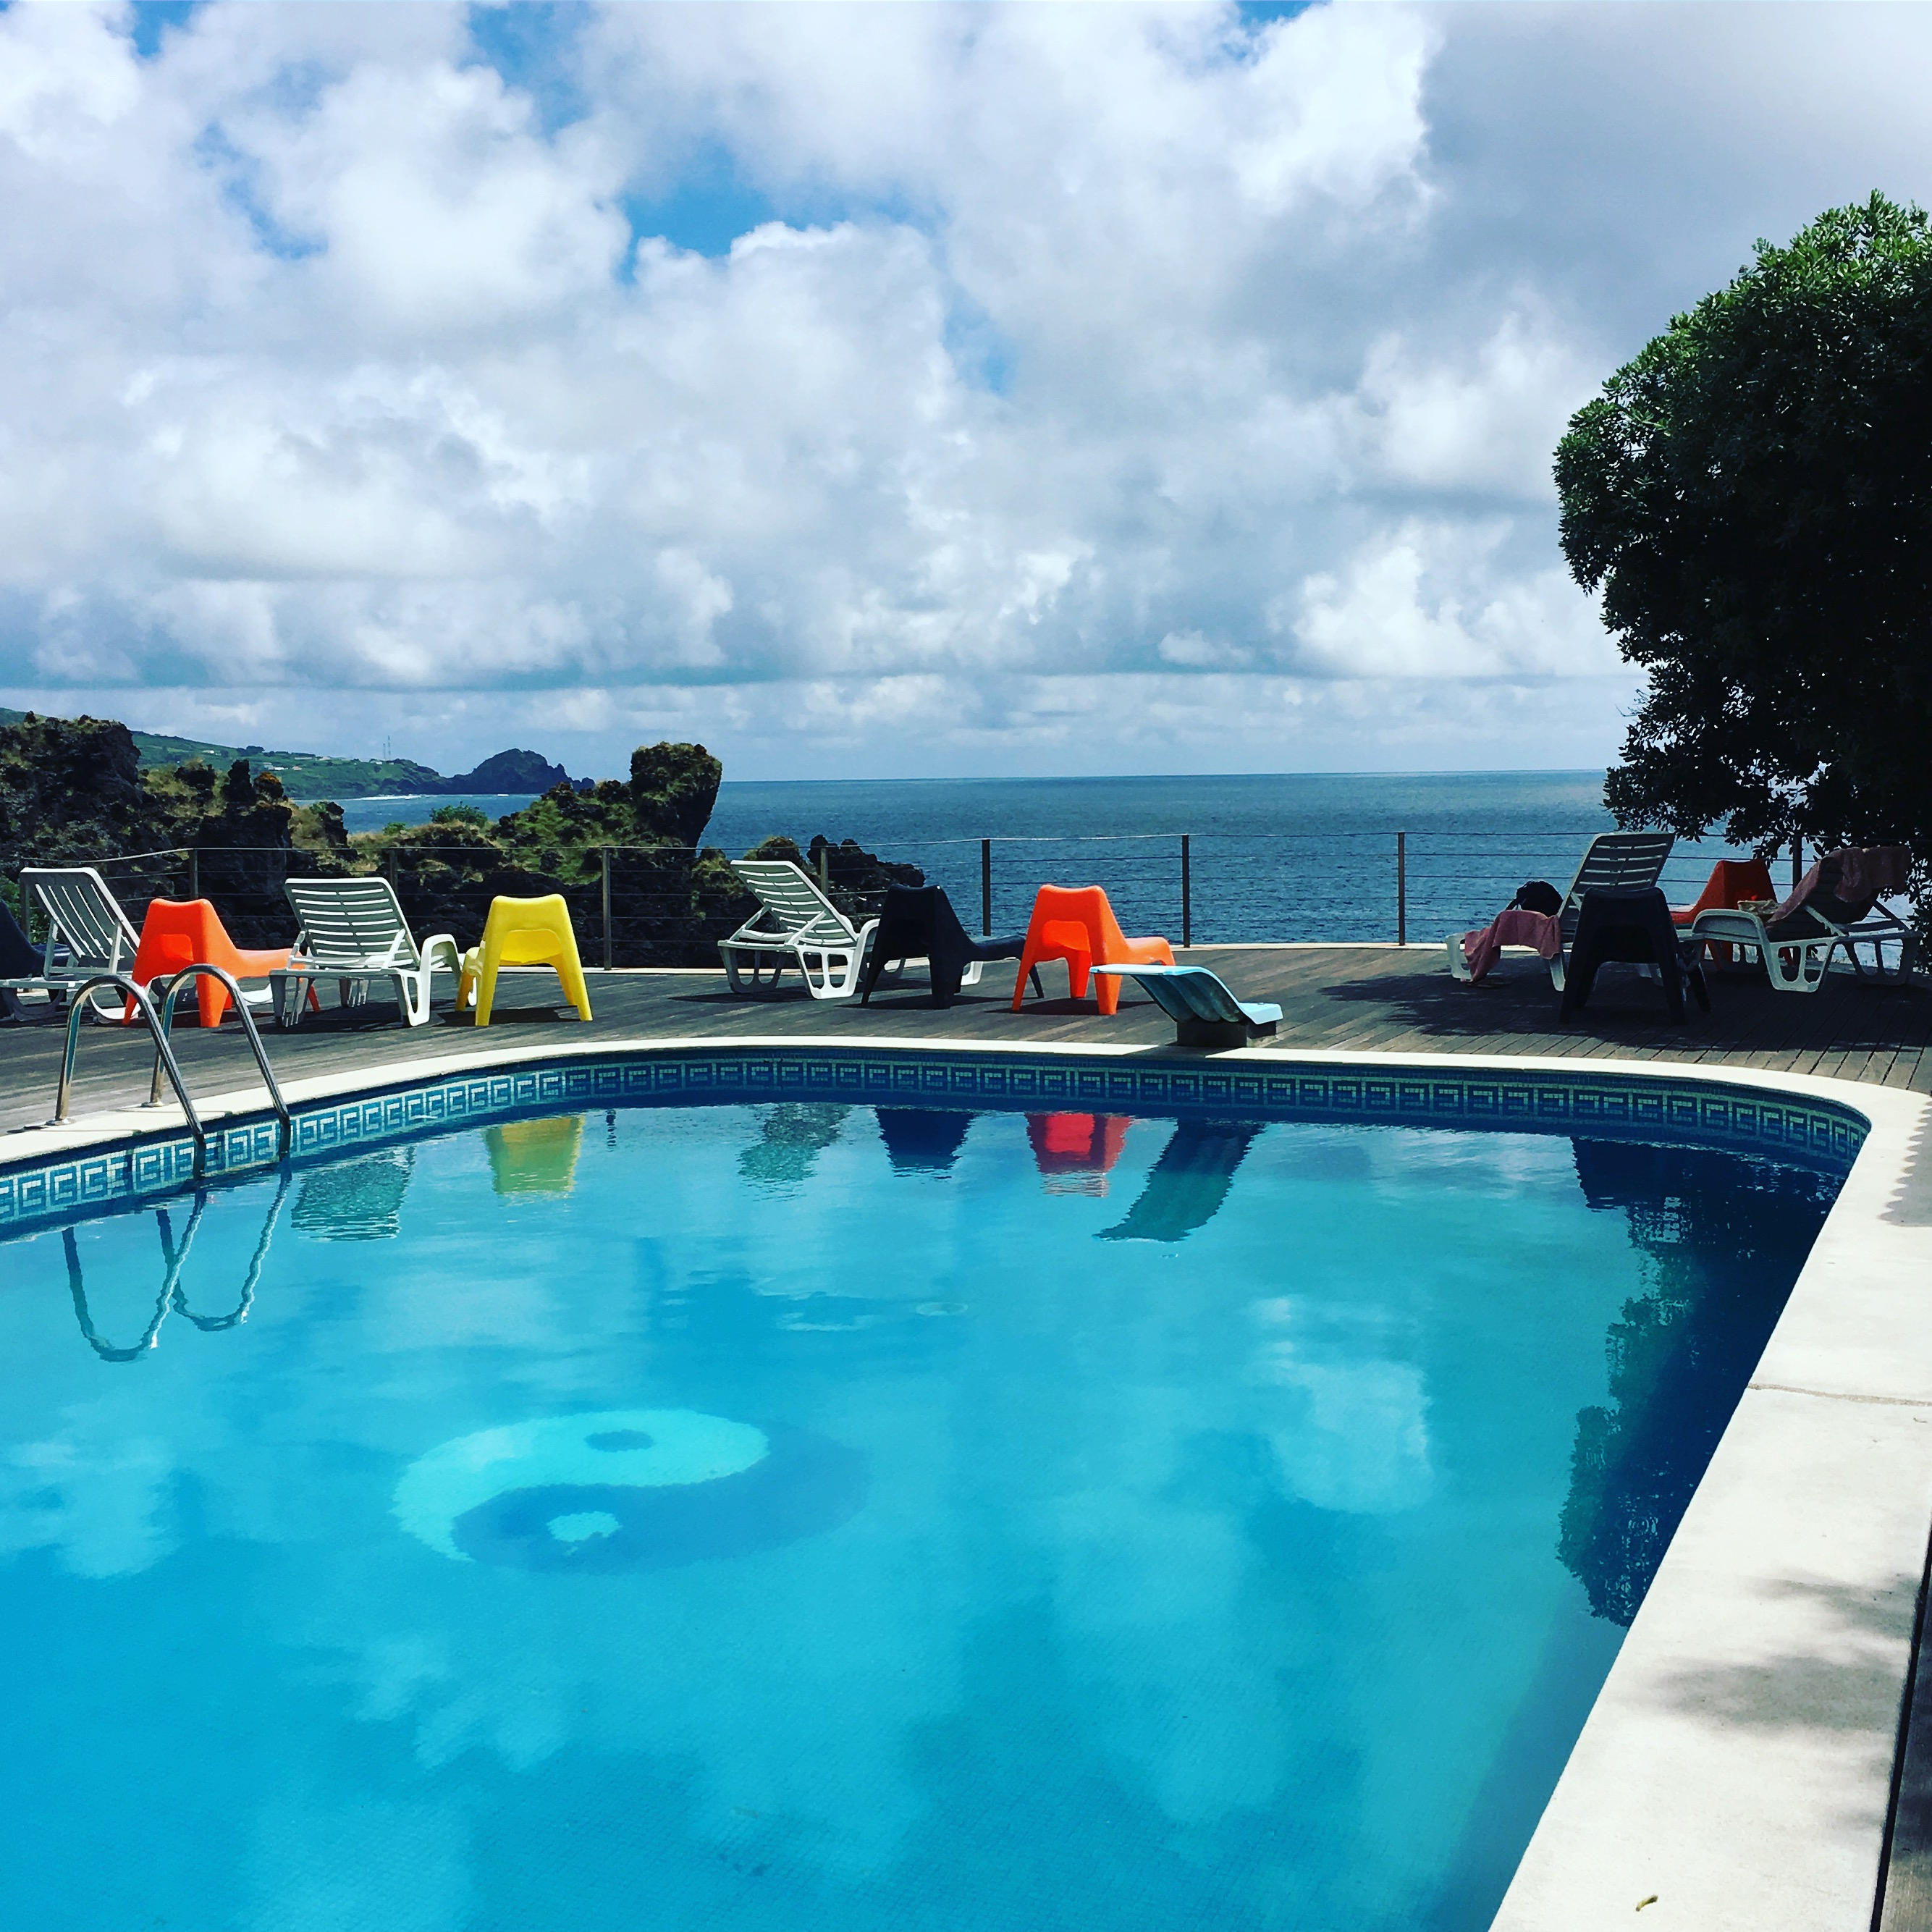 piscine hotel açores - dauphins et son bébé - consciences dauphins - nager avec les dauphins - nage avec les dauphins sauvages